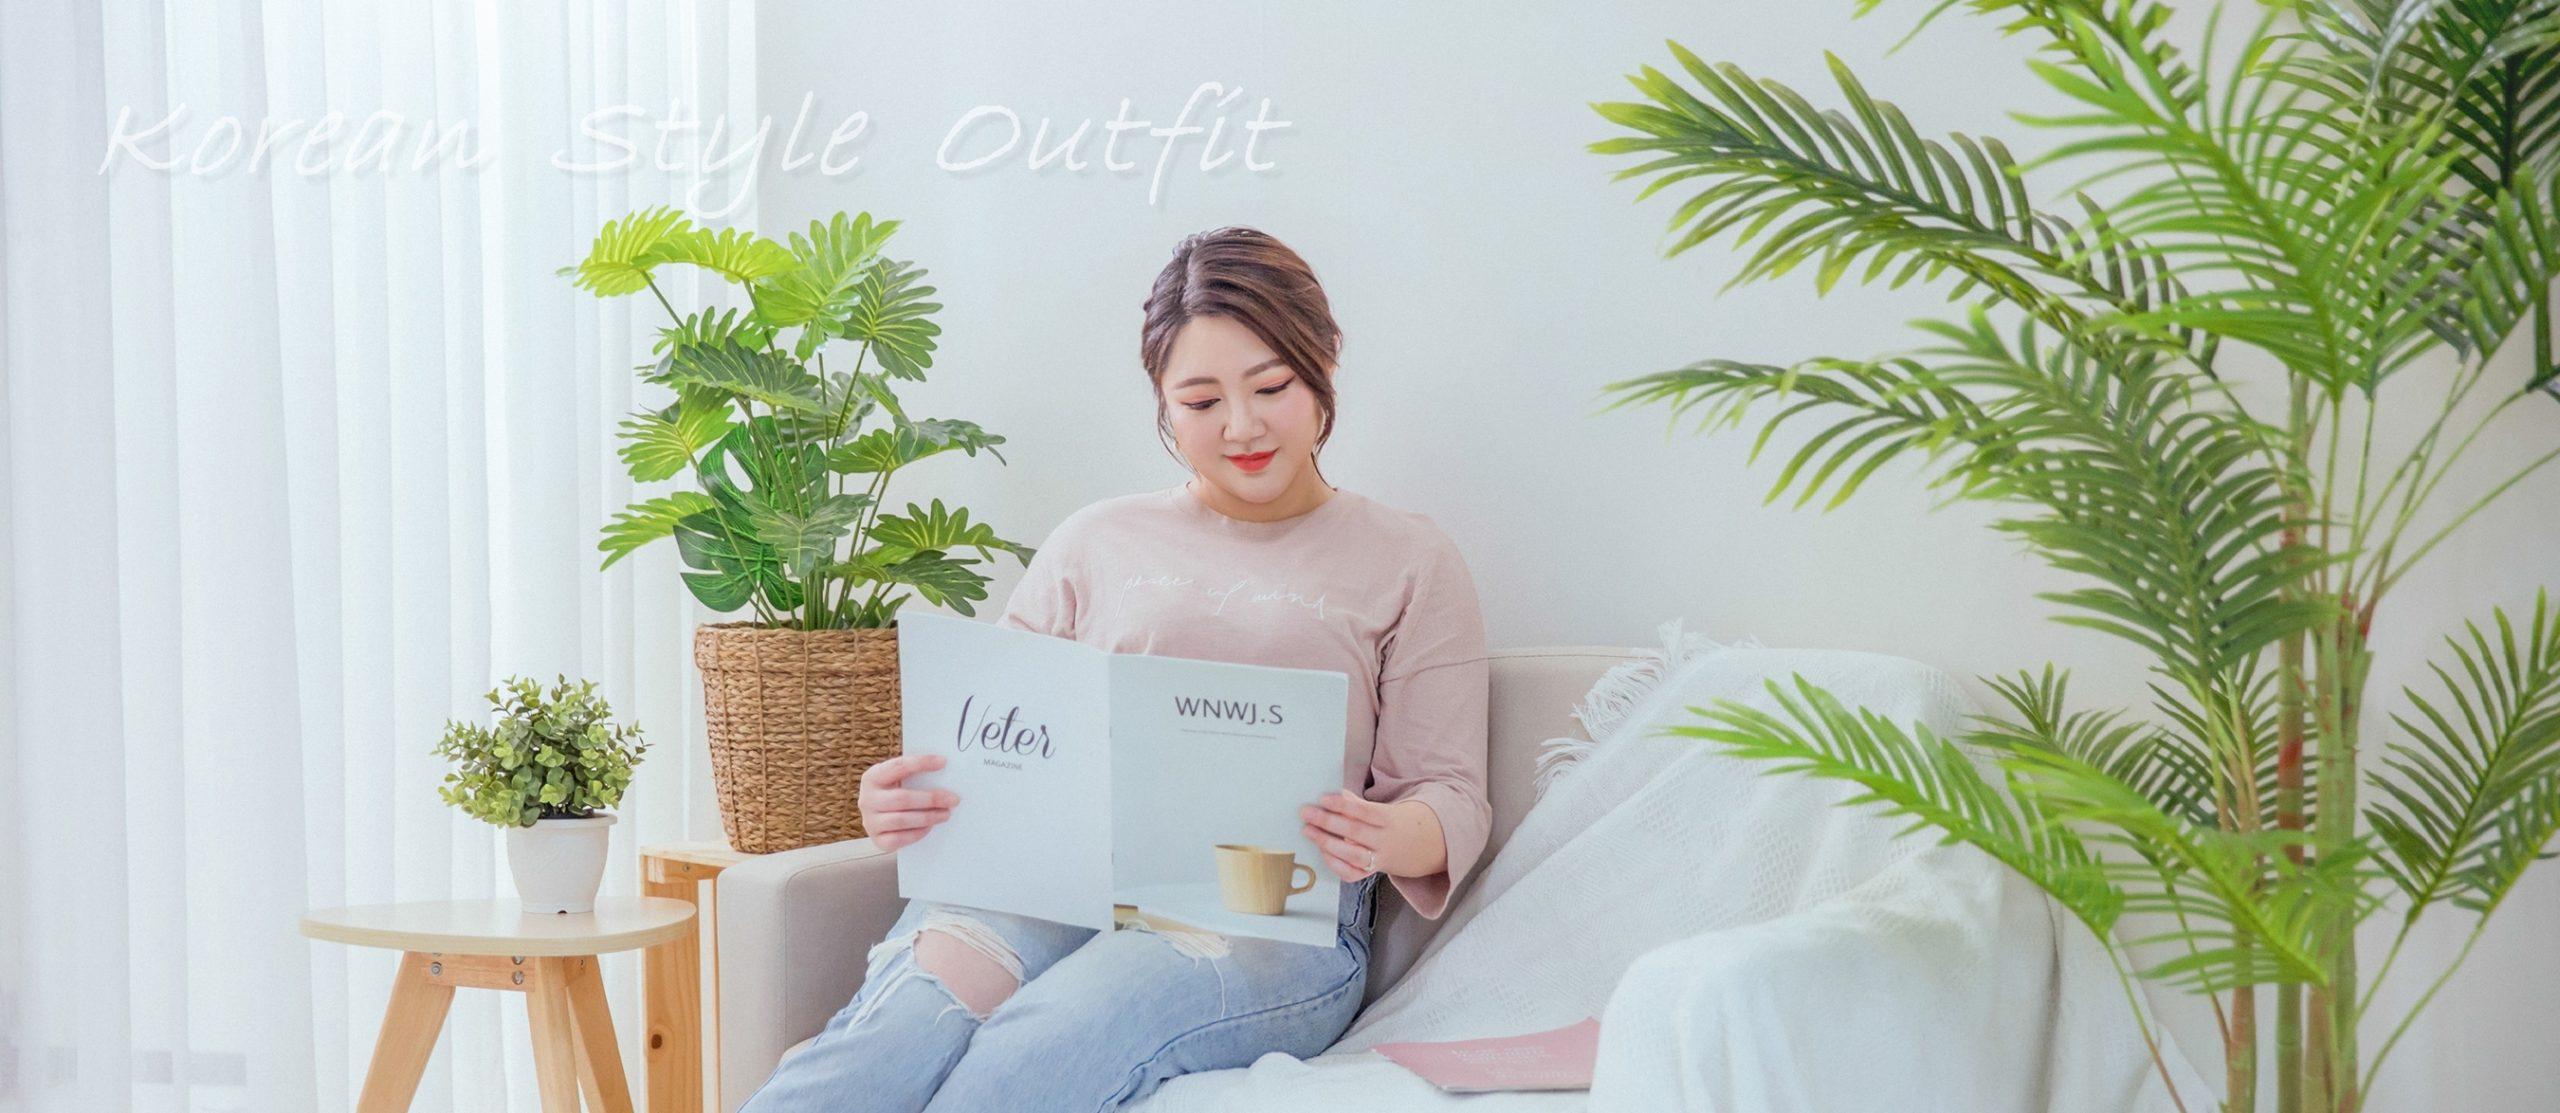 春夏穿搭流行重點!韓系穿搭適合棉花糖肉肉女孩嗎?